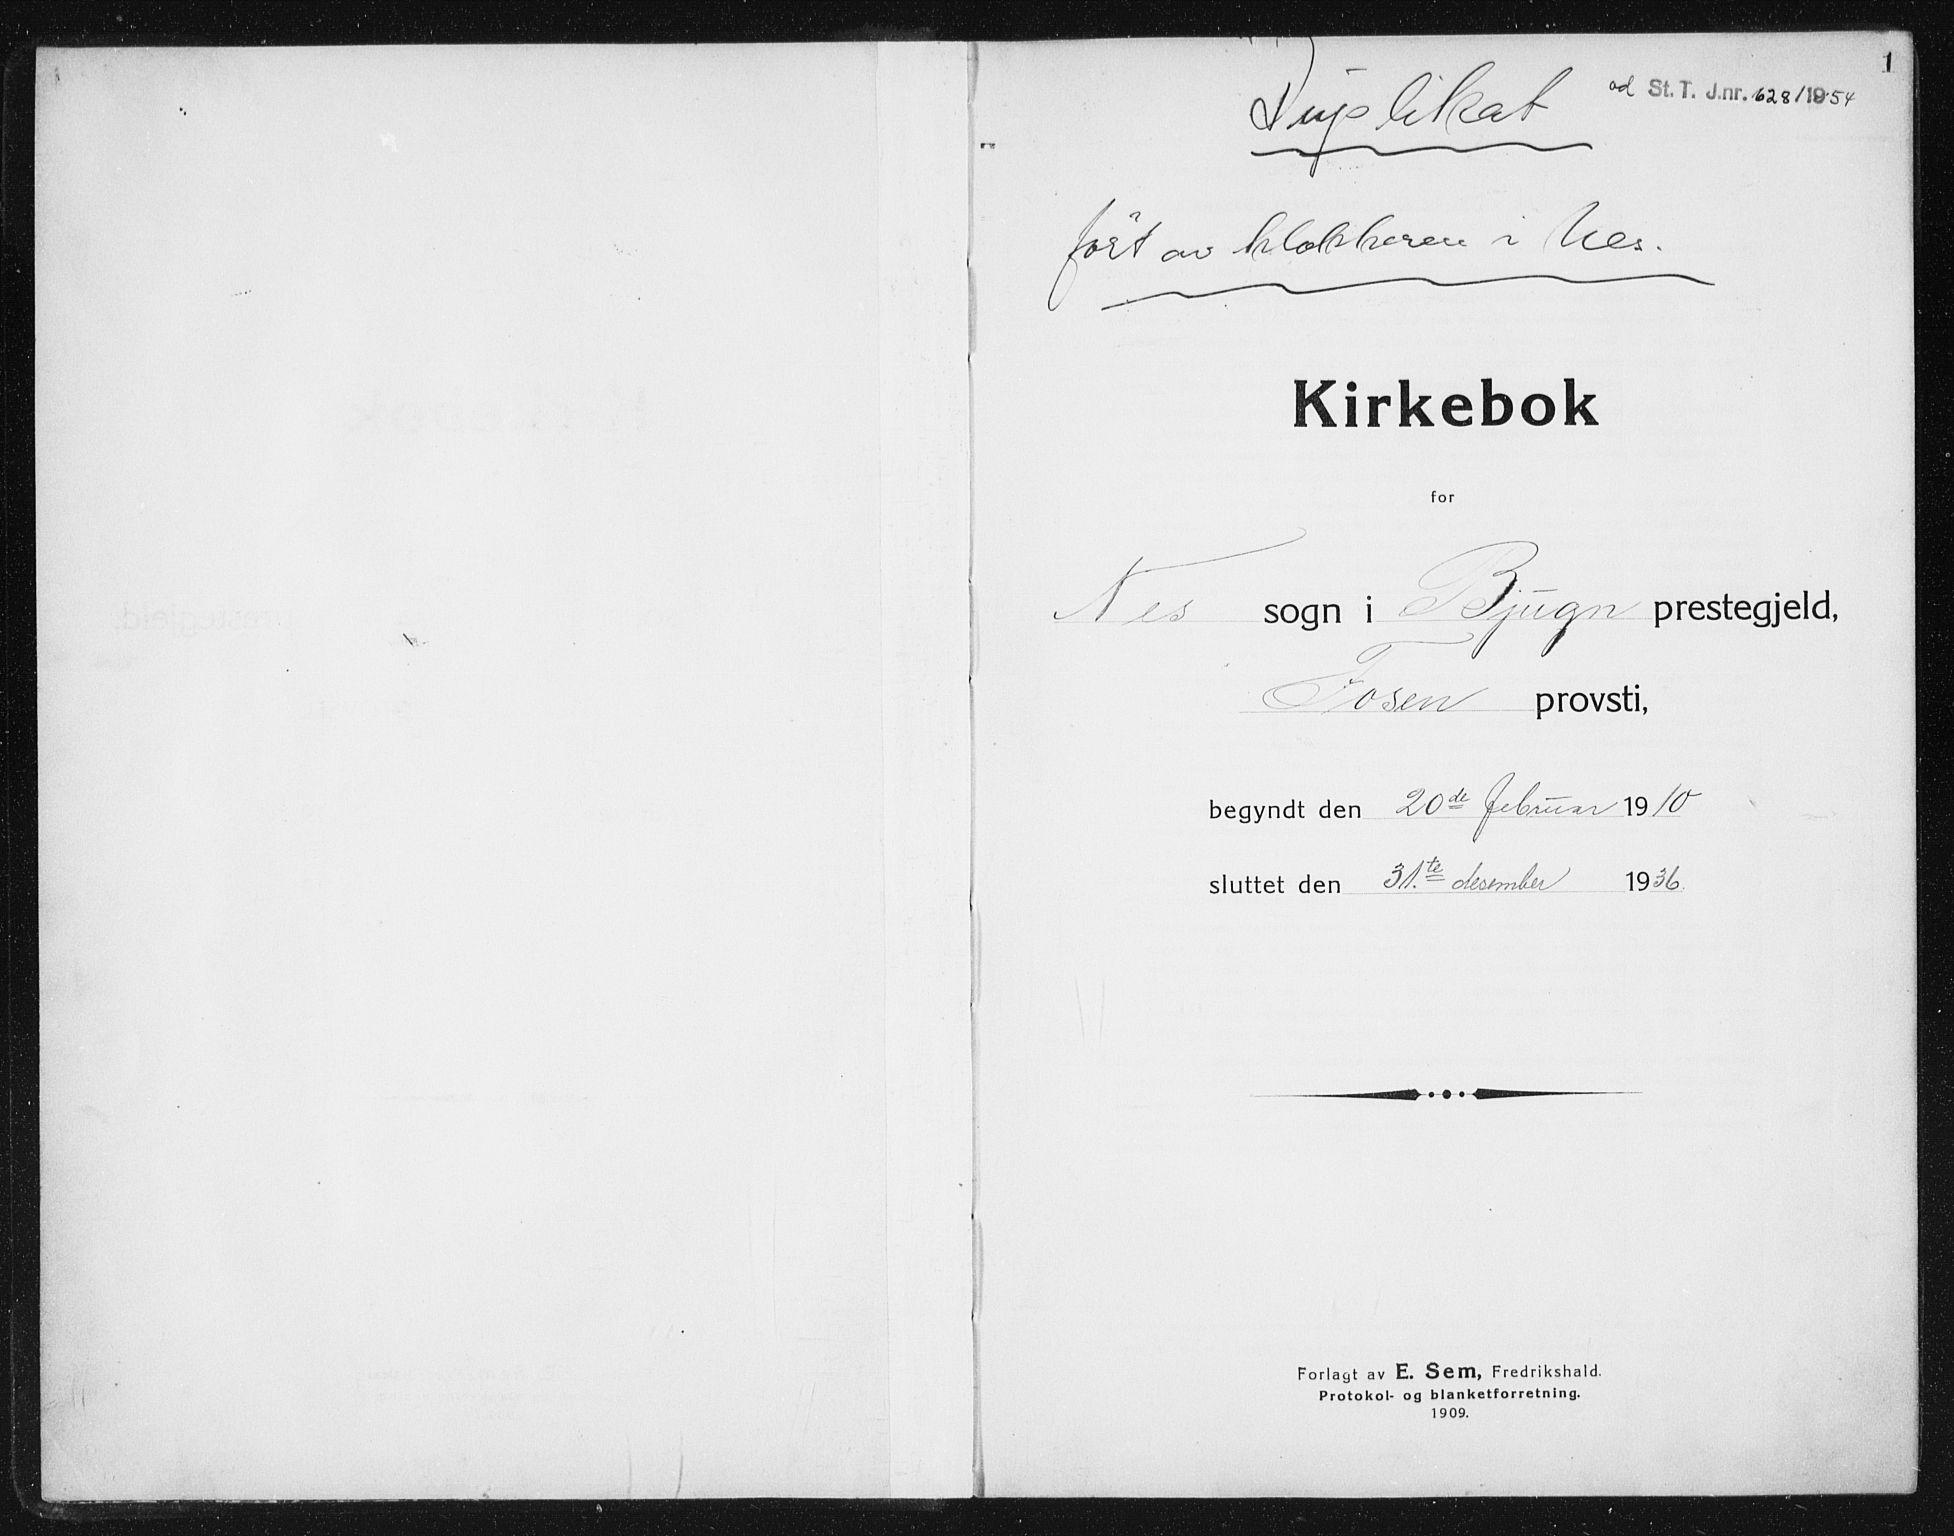 SAT, Ministerialprotokoller, klokkerbøker og fødselsregistre - Sør-Trøndelag, 652/L0654: Klokkerbok nr. 652C02, 1910-1937, s. 1